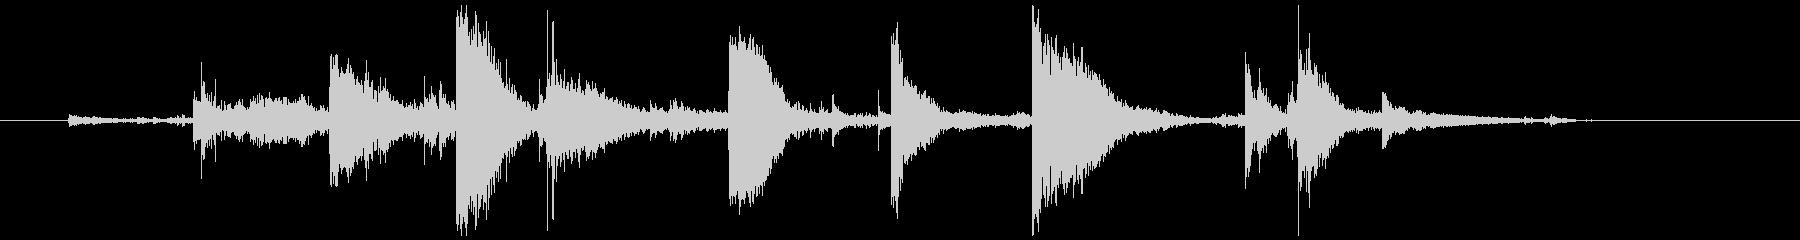 キーホルダー 金属音 高め(チャリチッ)の未再生の波形